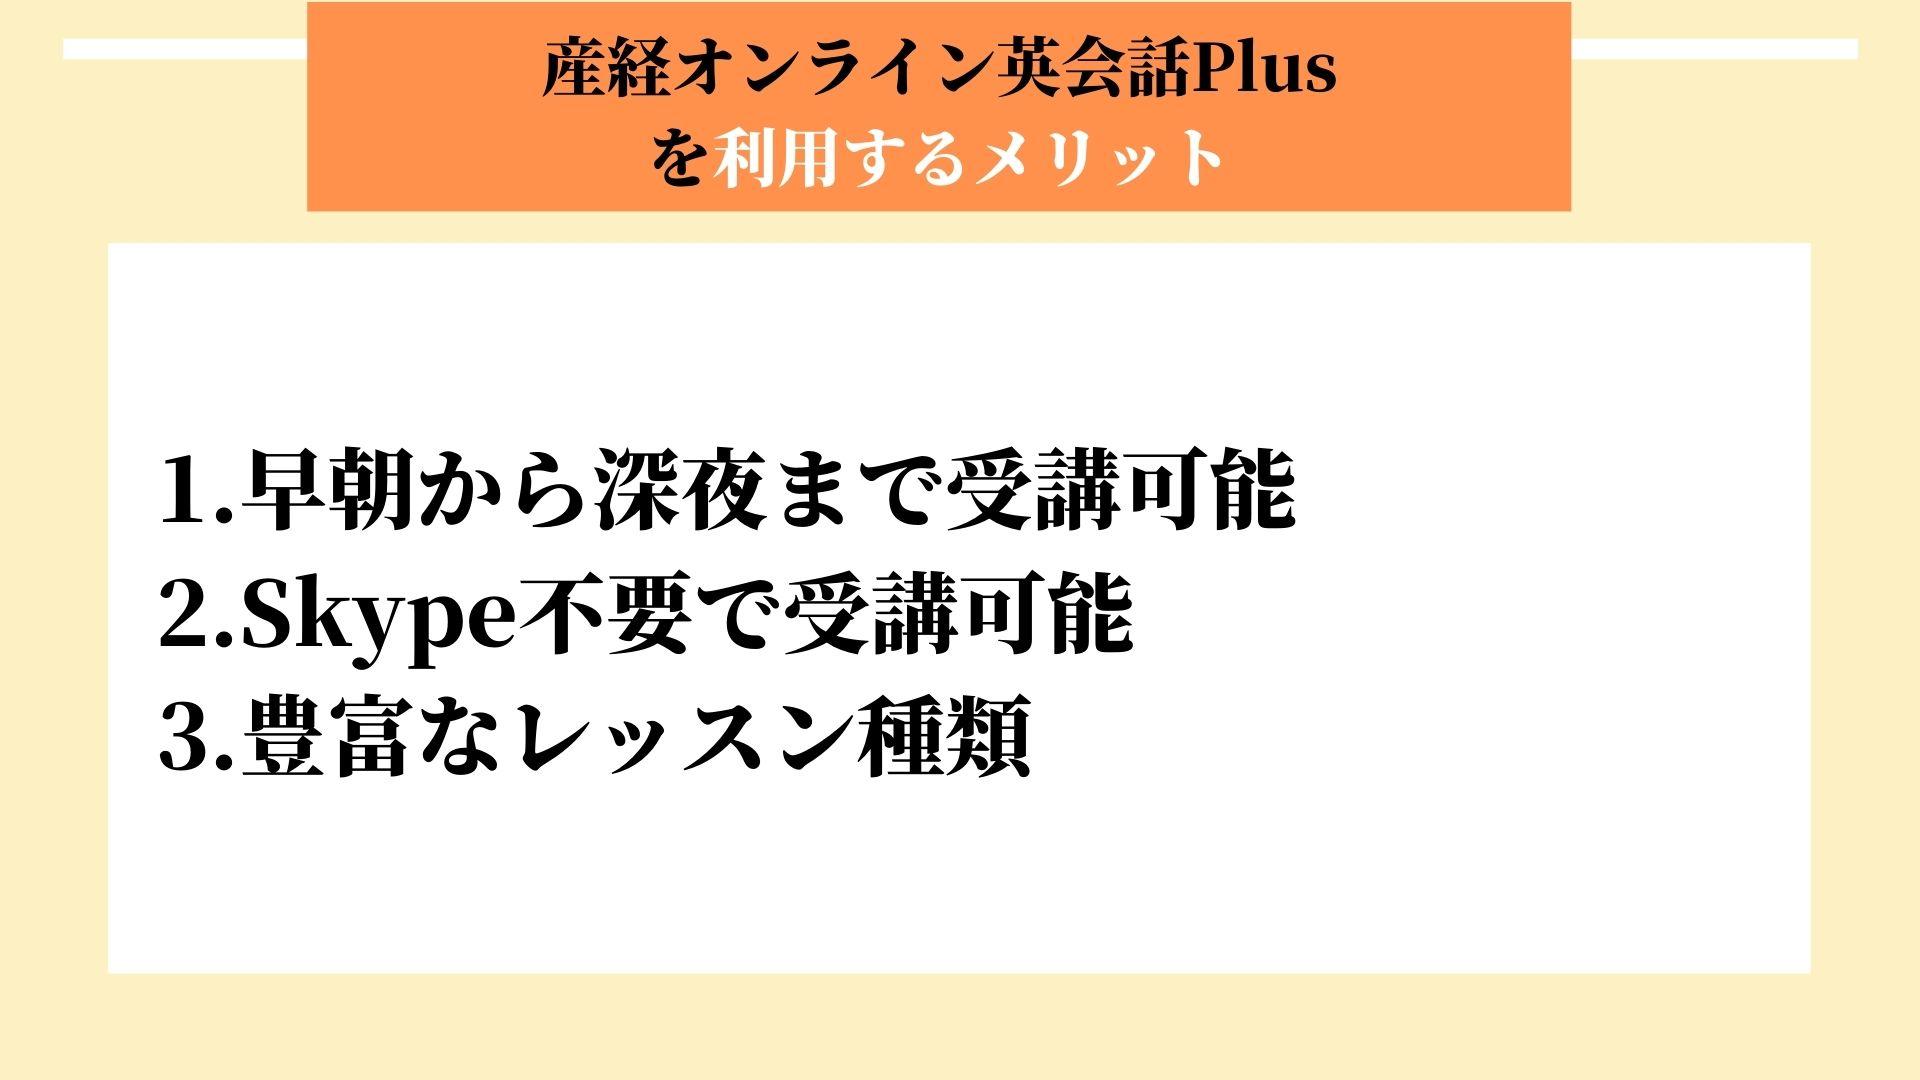 産経オンライン英会話Plus メリット